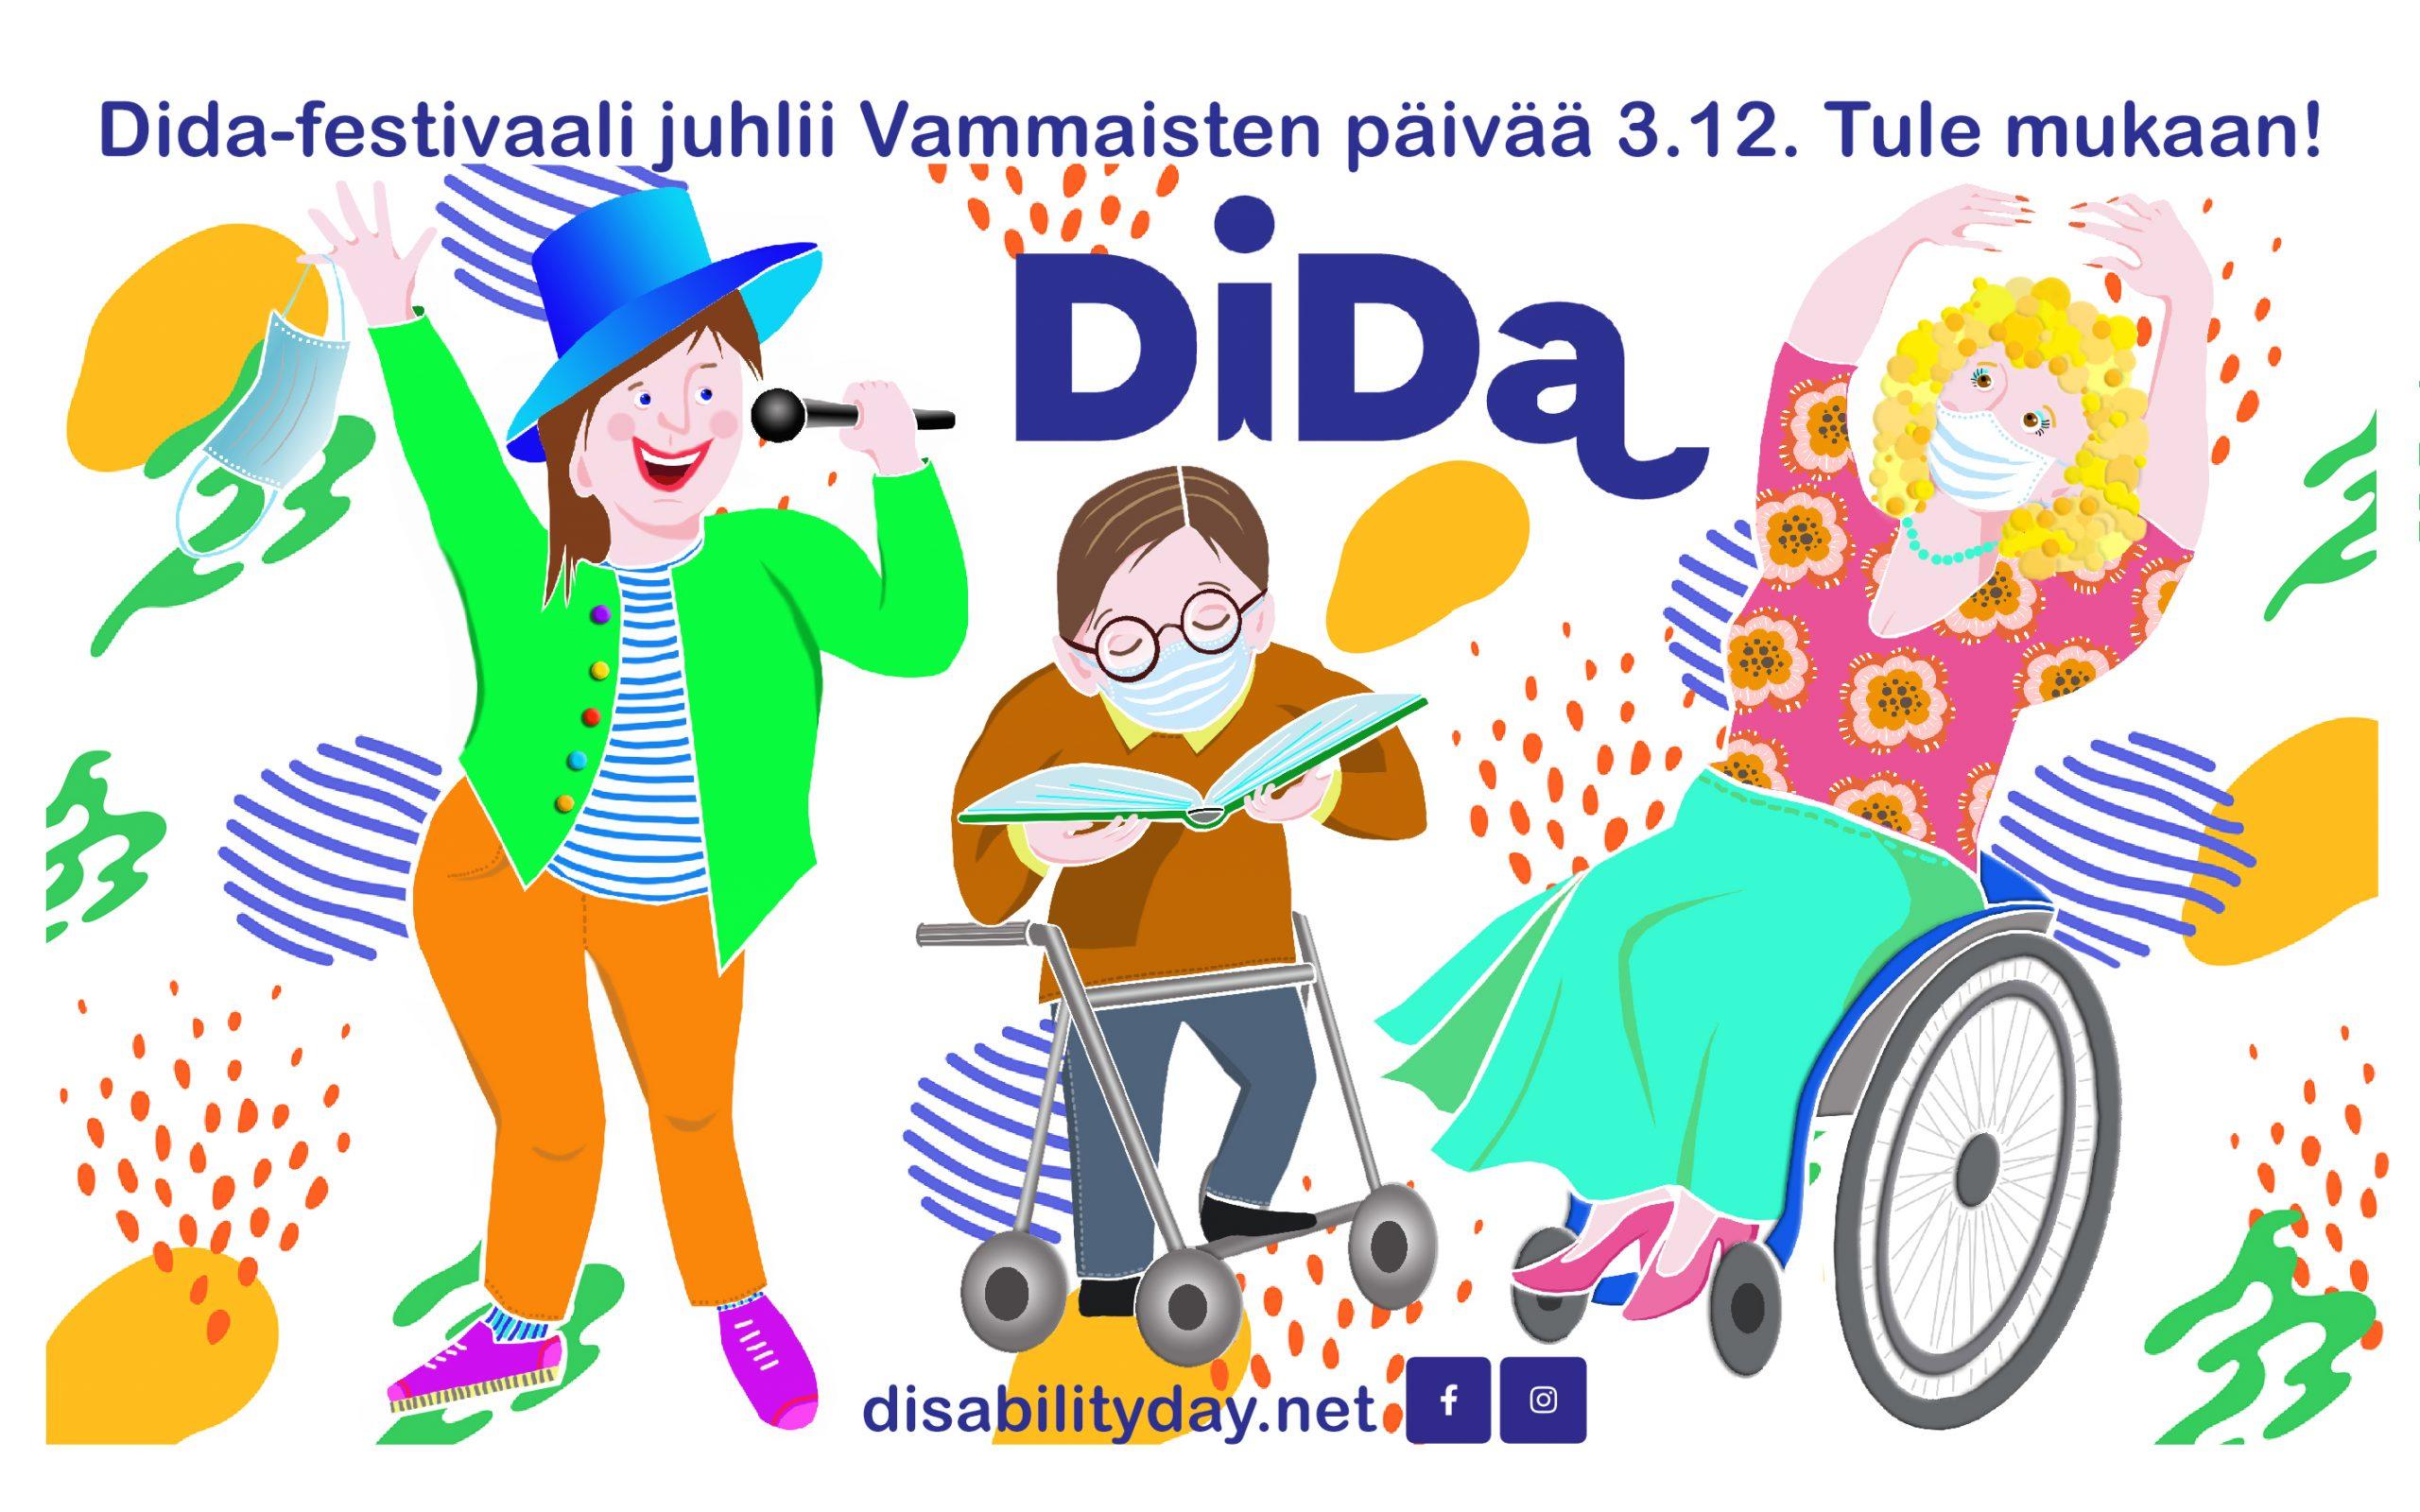 DiDa 2020 – Vammaisten päivän festivaali Zoomissa 3.12.